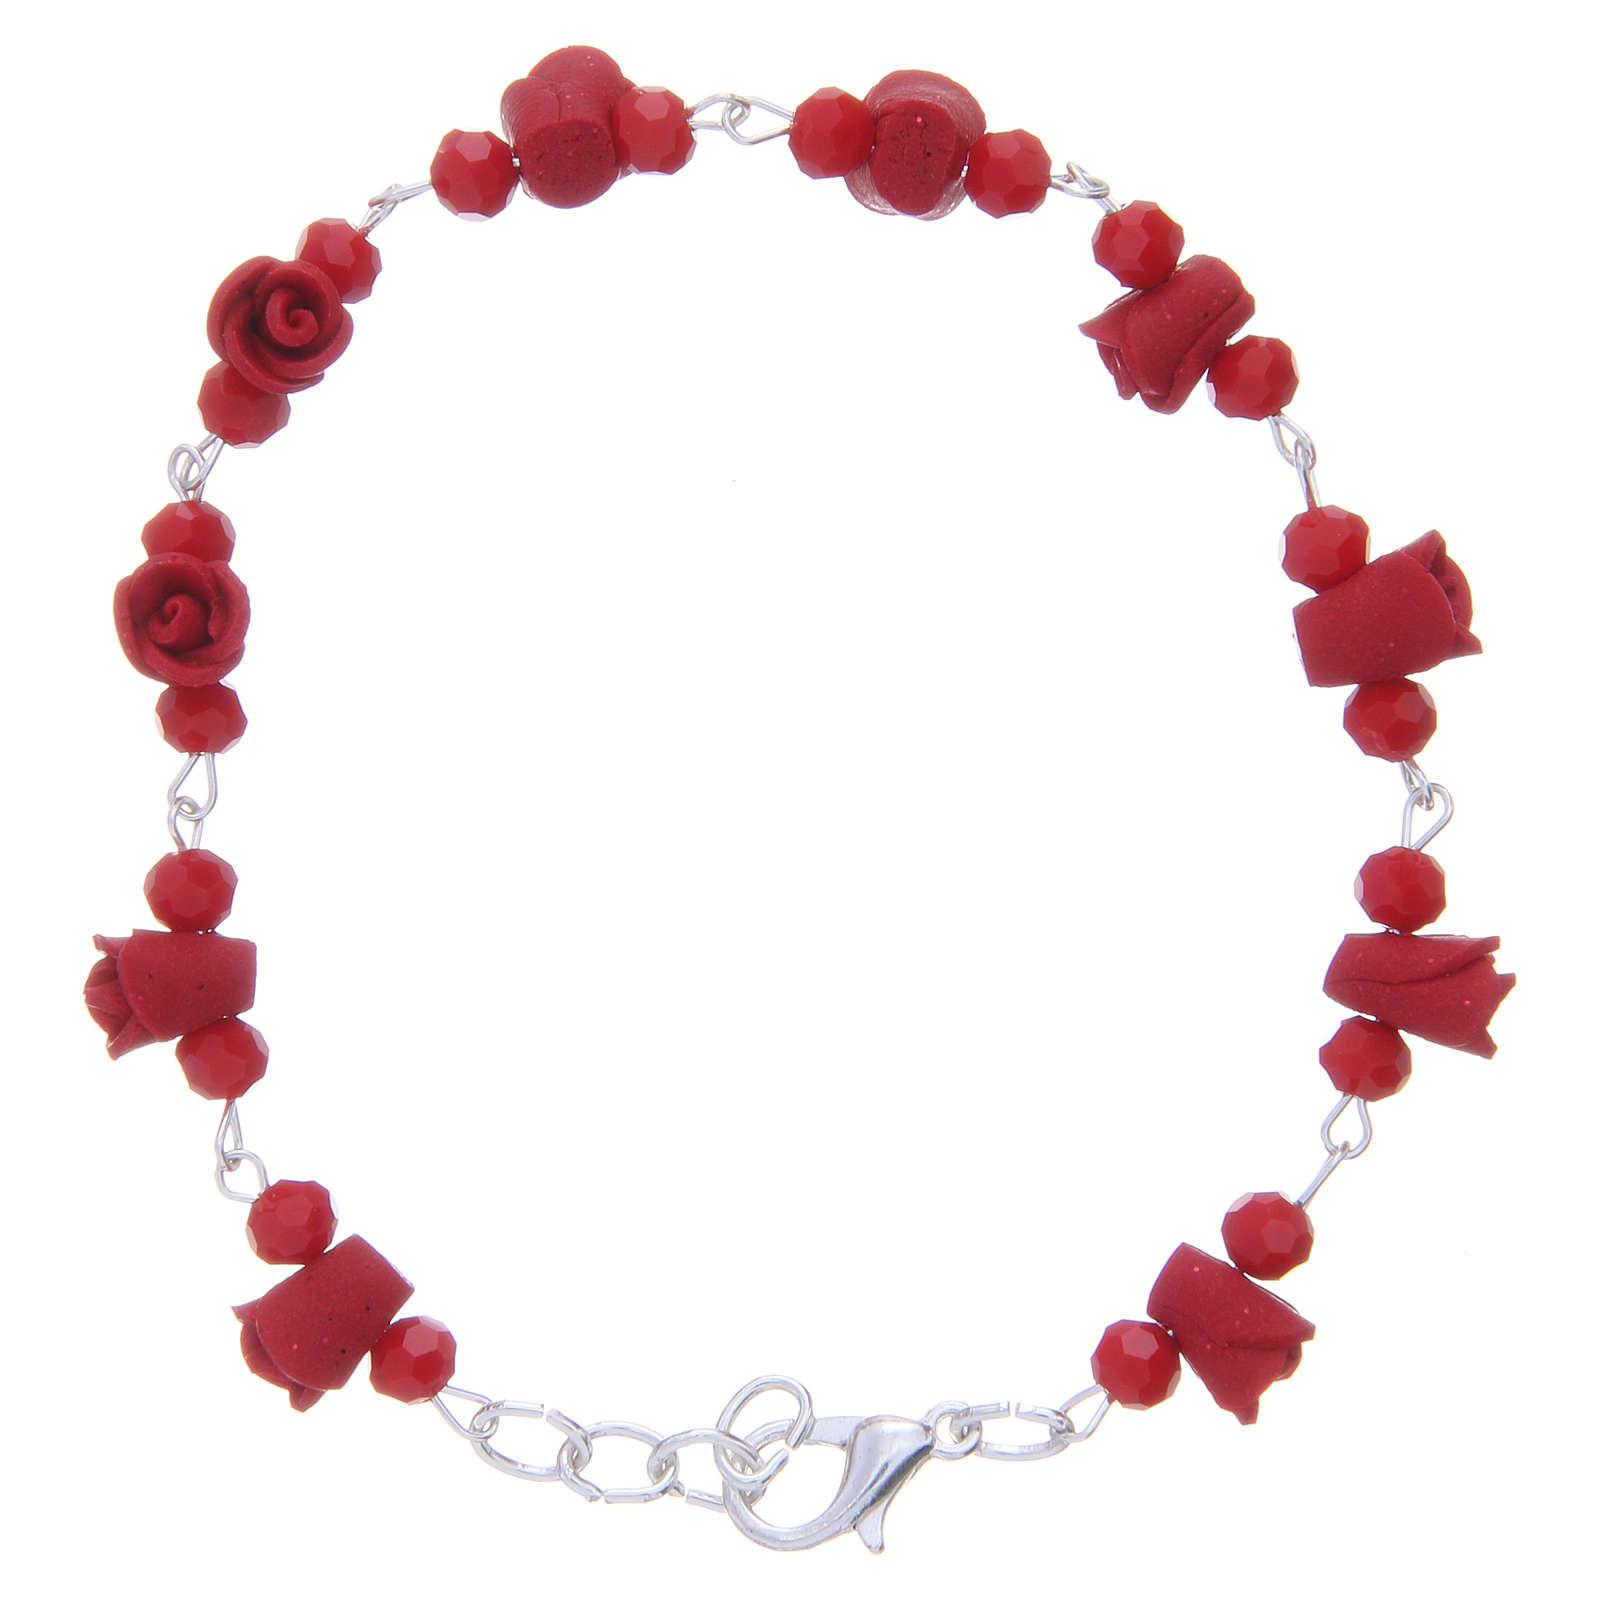 Bracciale Medjugorje rosso rose ceramica grano cristallo 4